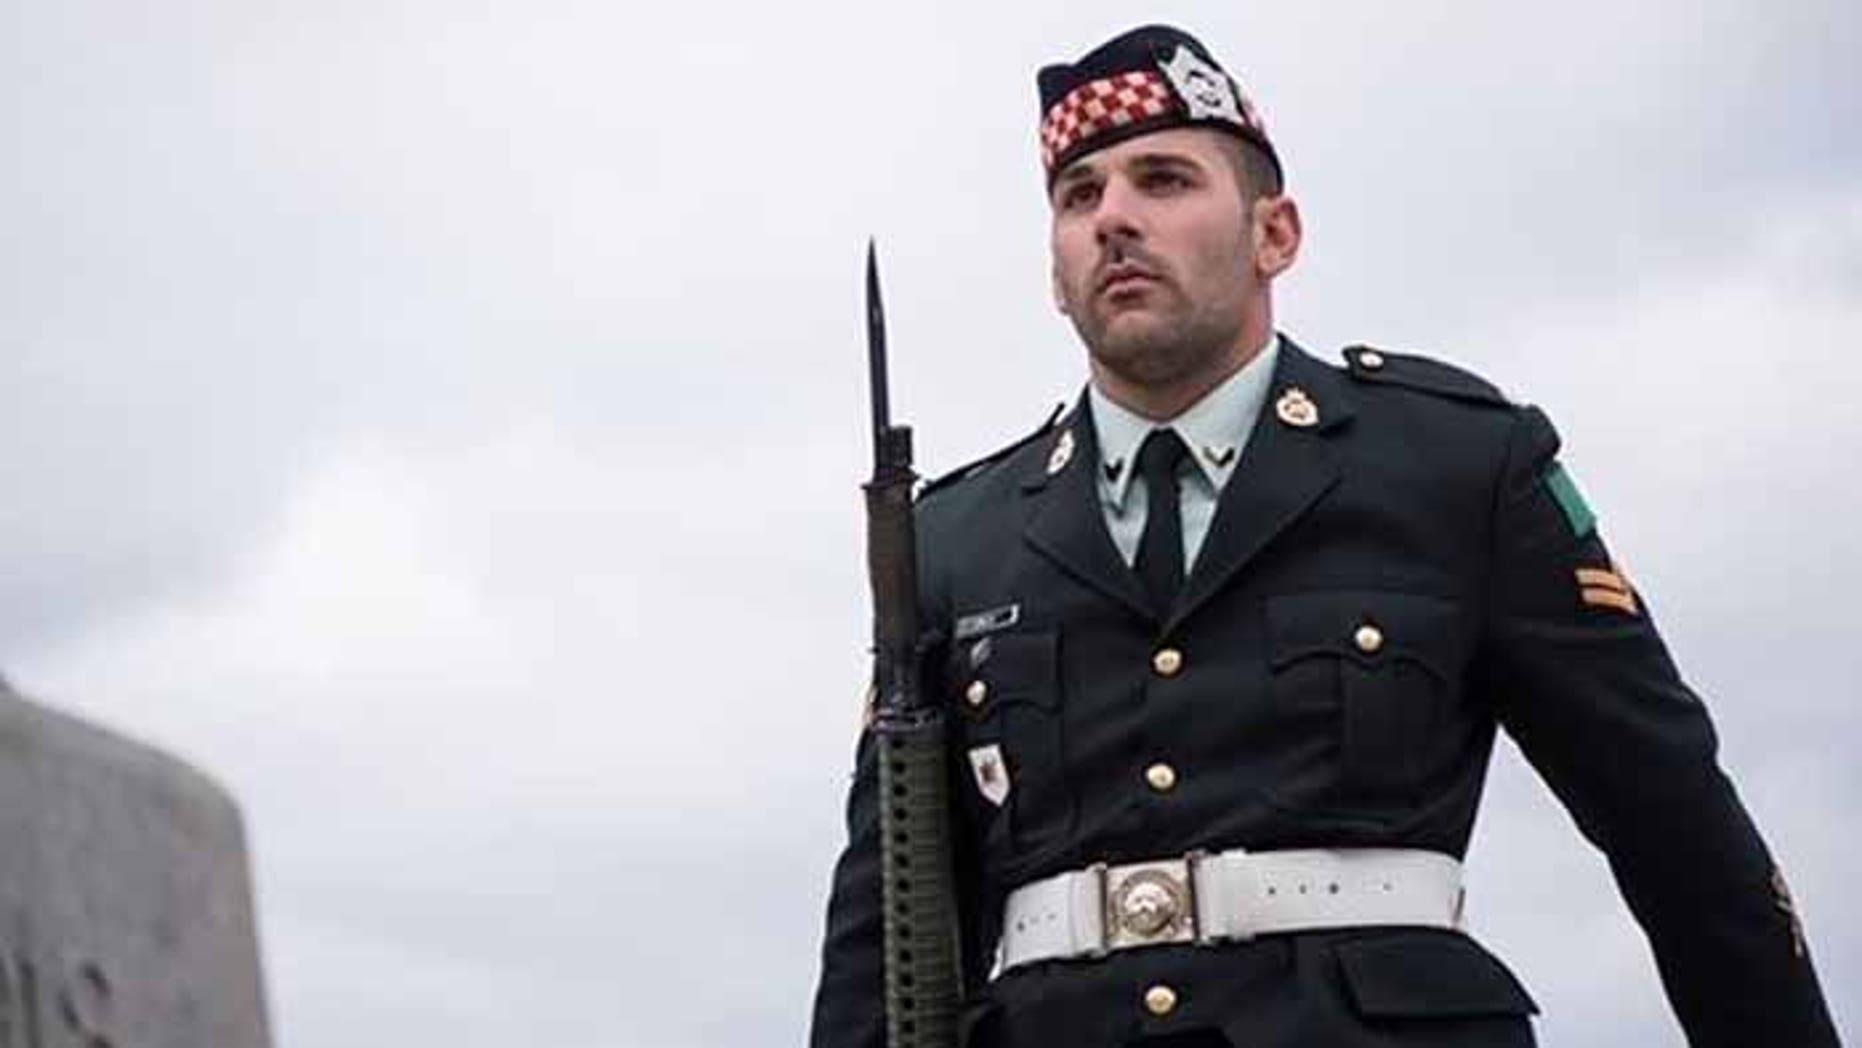 Nathan Cirillo's lifelong ambition was to protect his country.